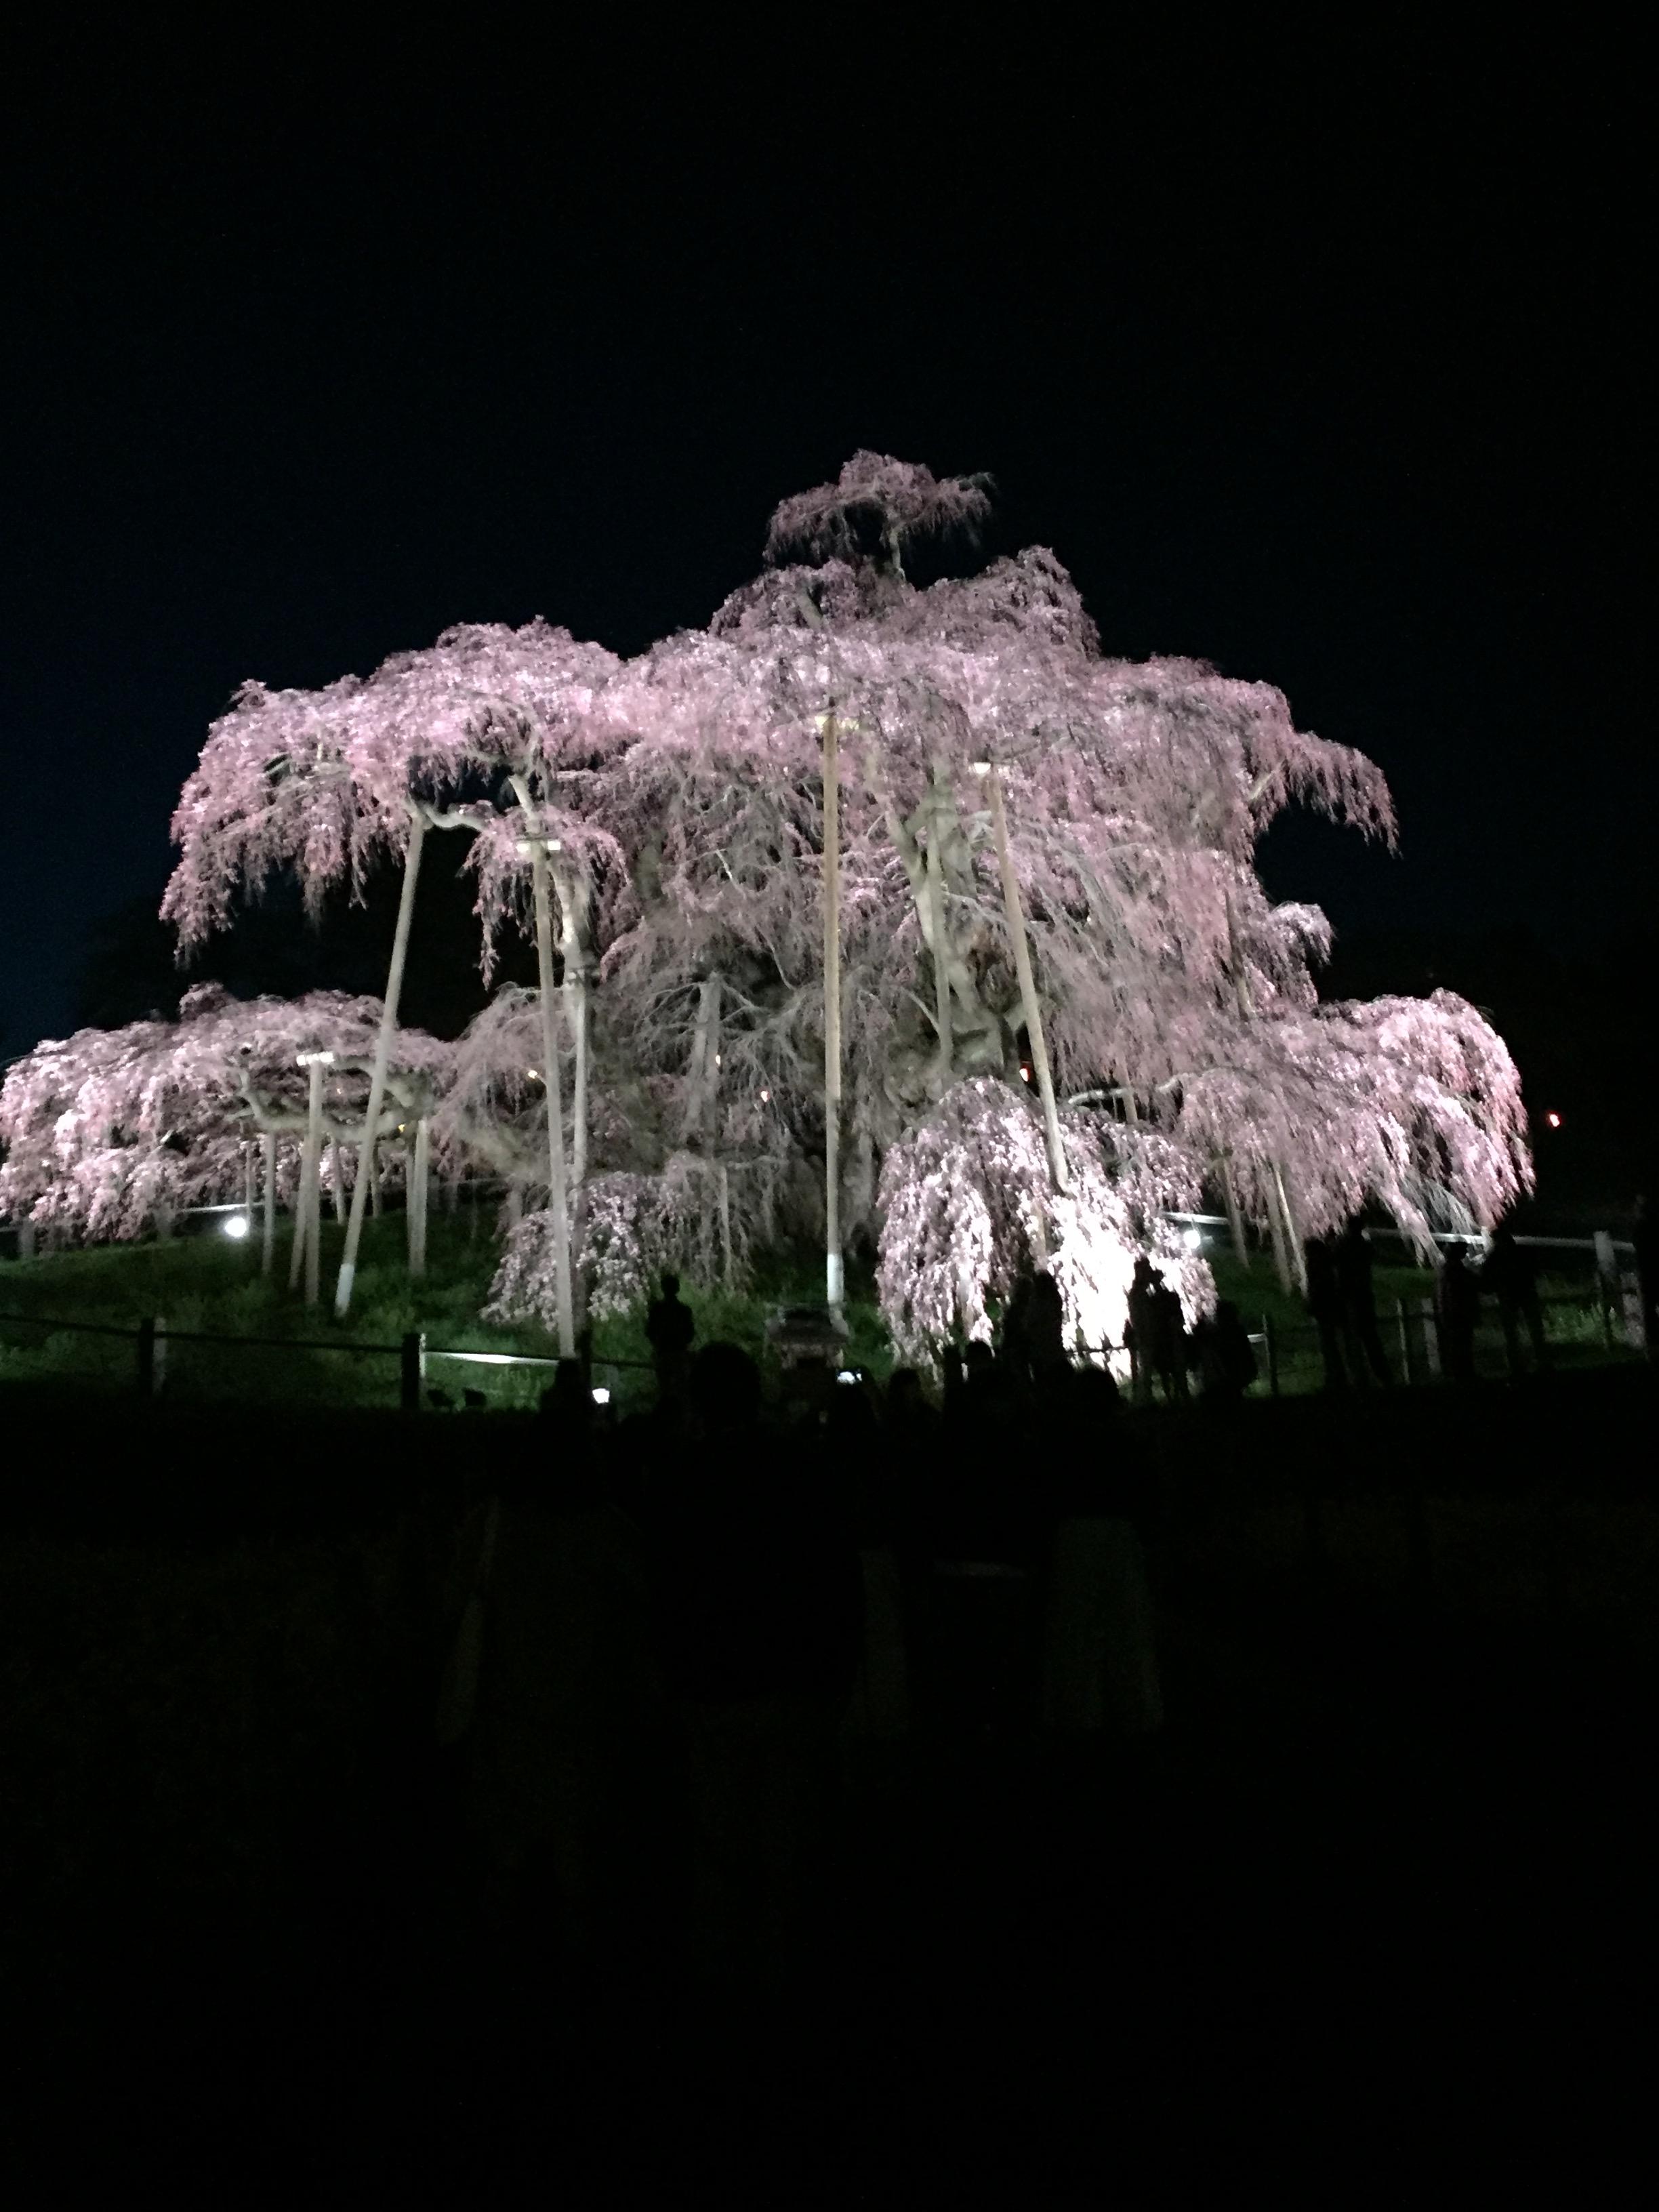 【2017】【ライトアップ花見】日本三大桜のひとつ、三春滝桜@福島